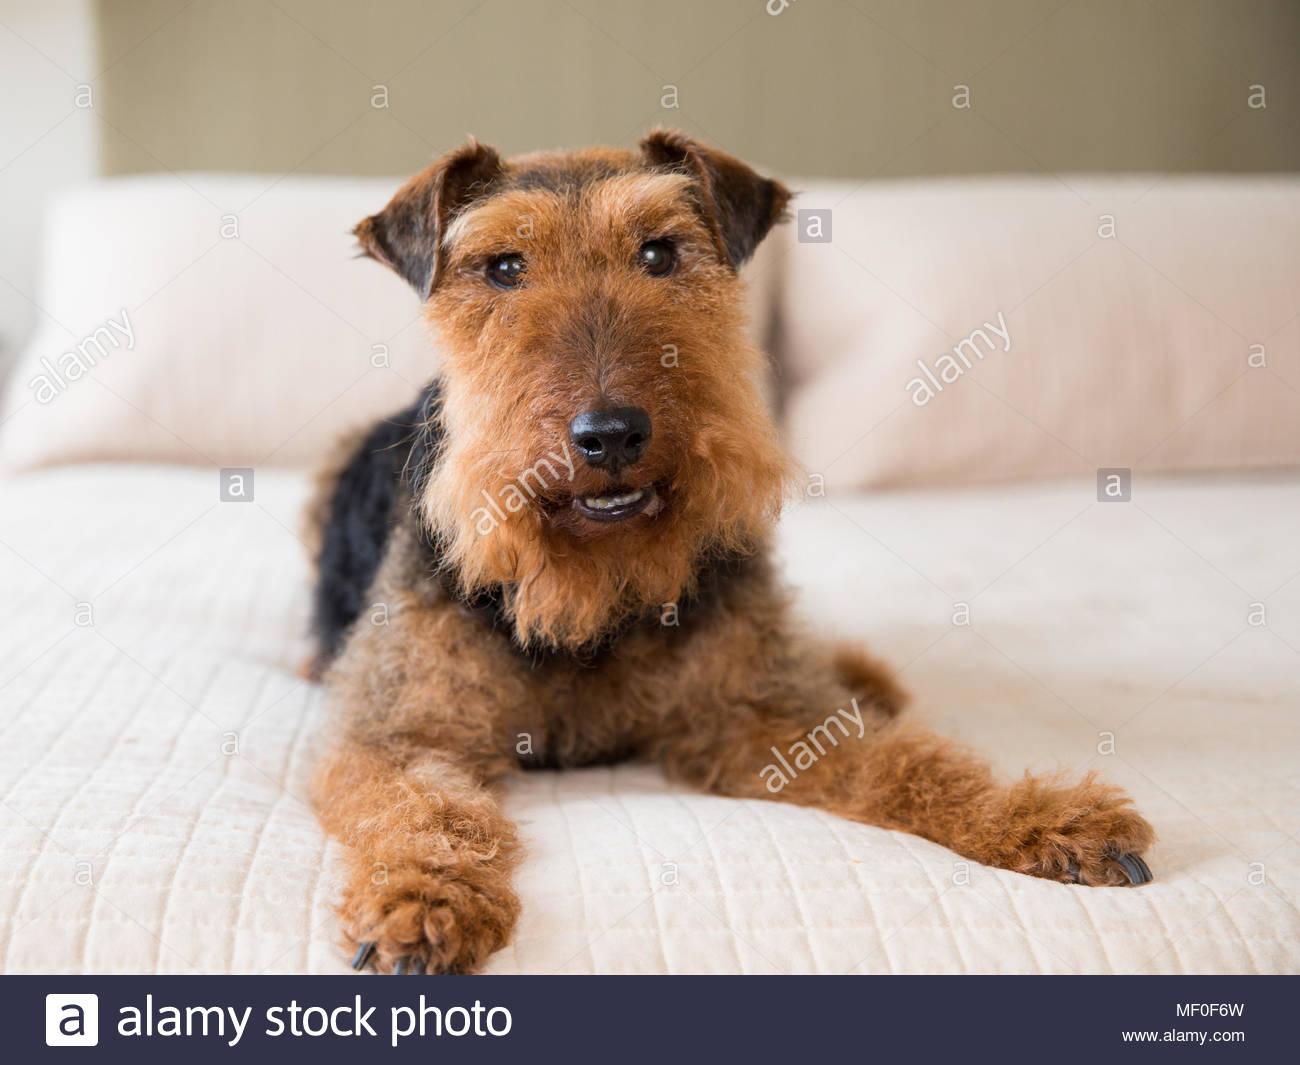 Lächelnd Welsh Terrier Hund liegend auf sauberen Off-white Bett in Richtung Kamera schaut Stockbild